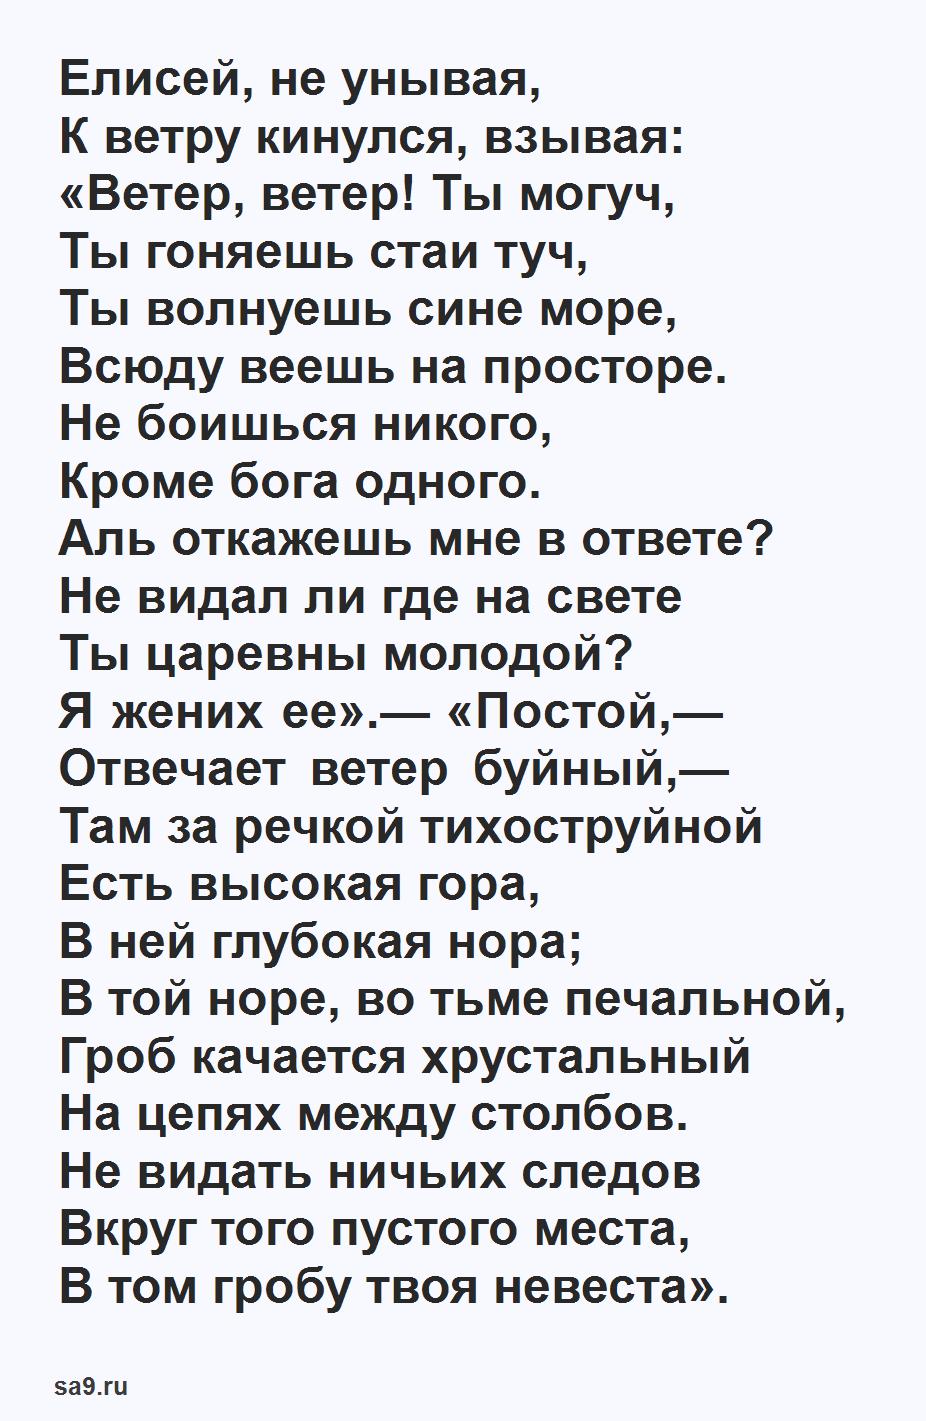 Пушкин сказка 'О мертвой царевне и семи богатырях', полностью